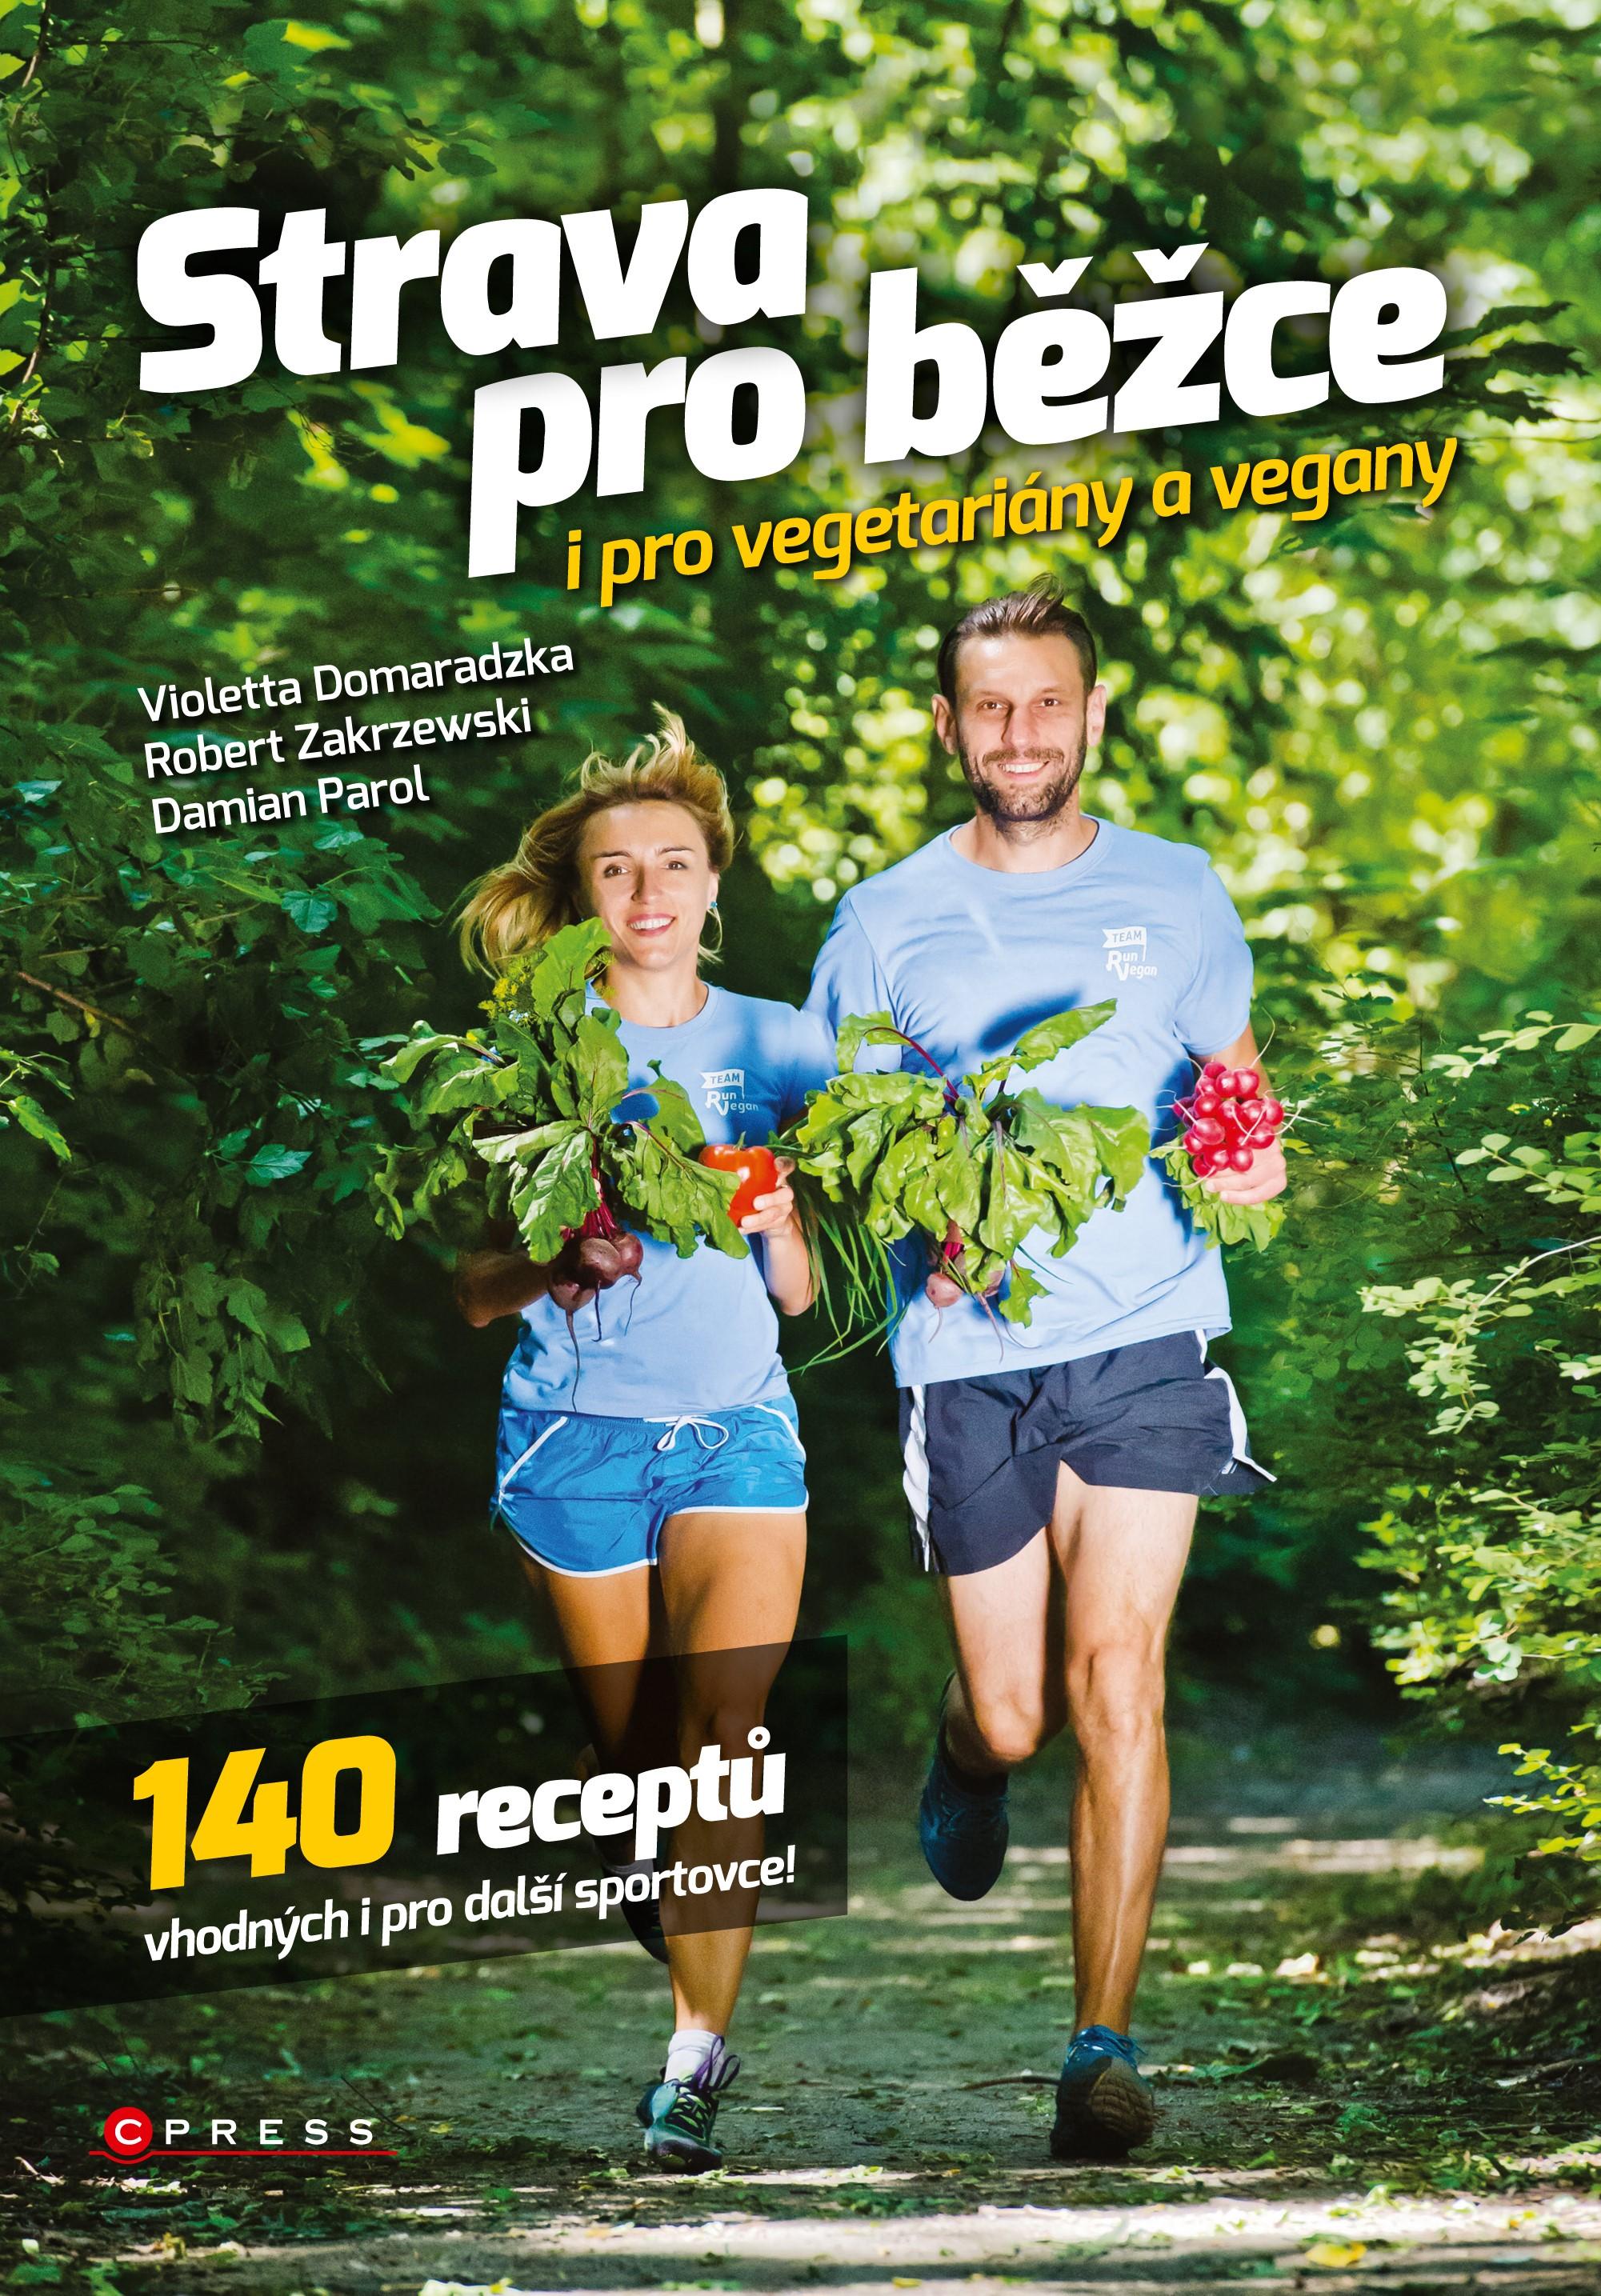 Strava pro běžce - i pro vegetariány a vegany